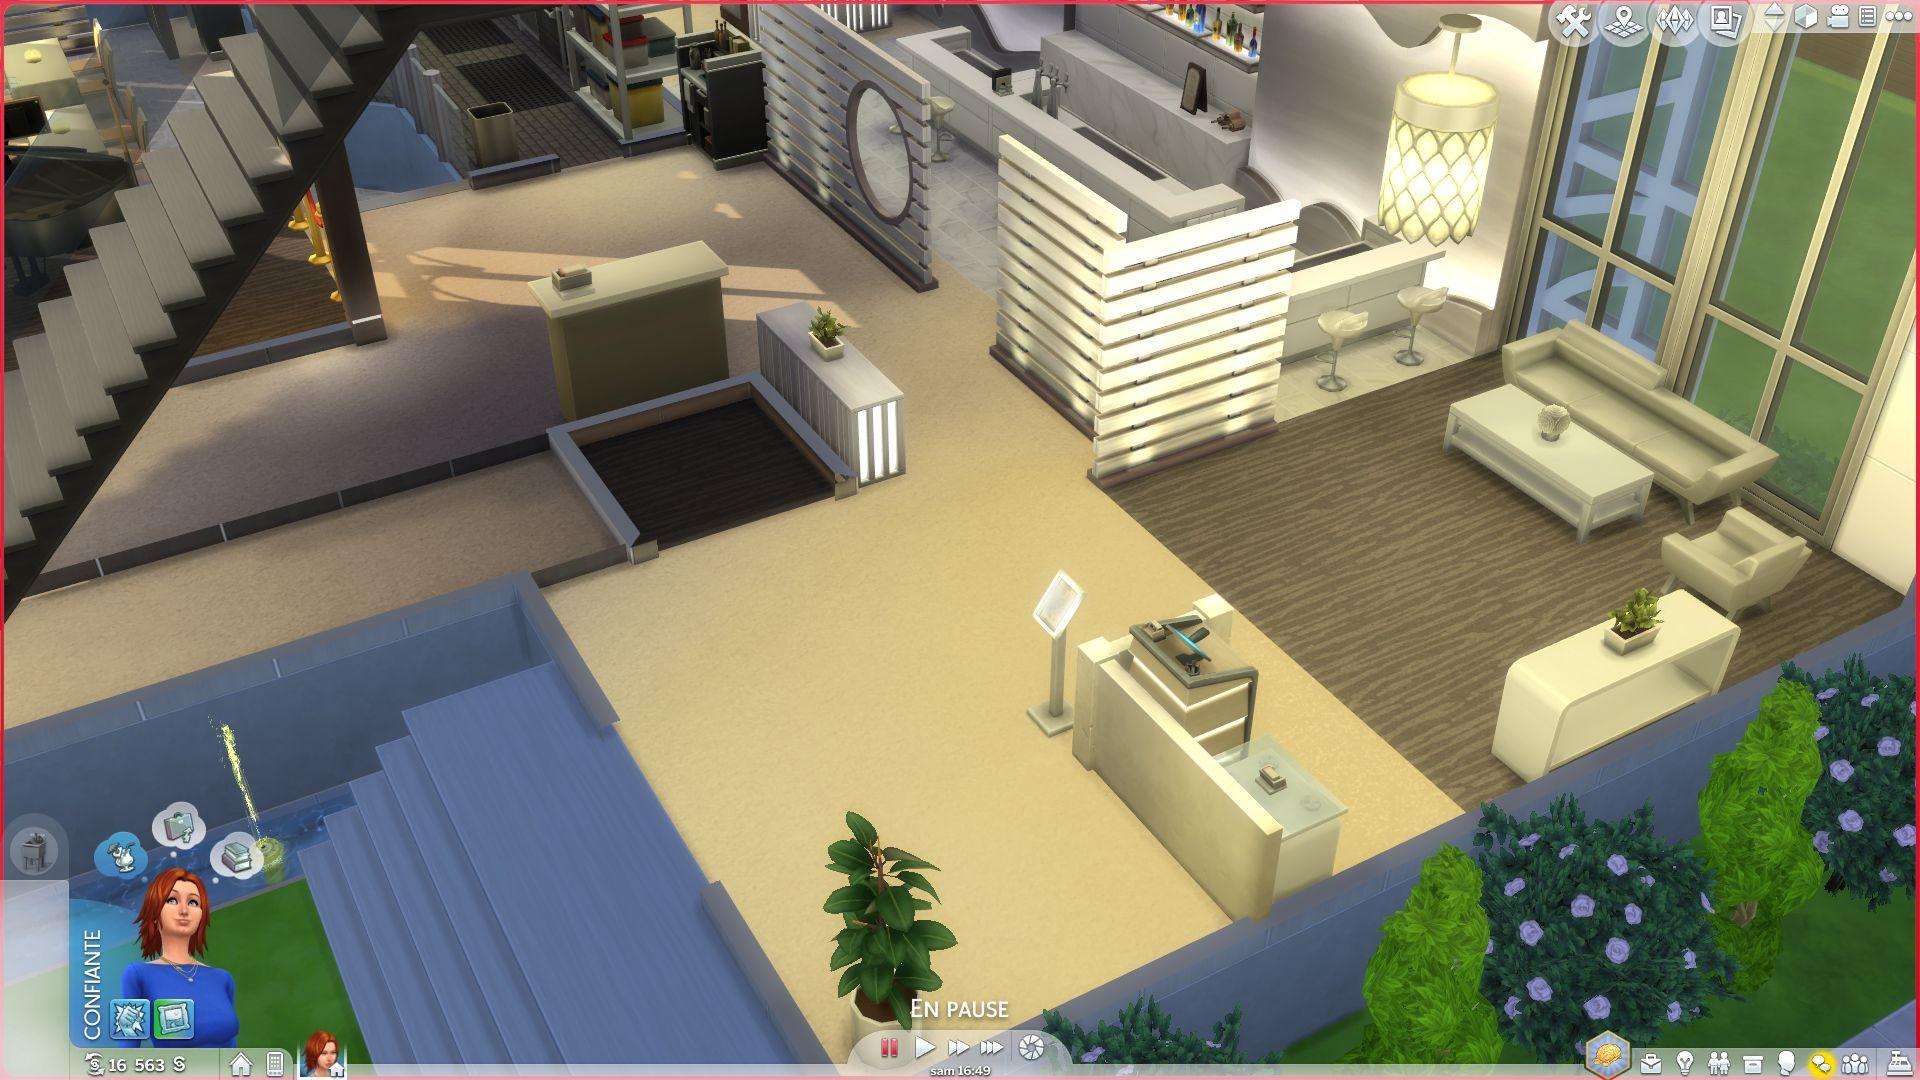 Les sims 4 aper u du pack de jeu au restaurant game Meuble de cuisine sims 4 qui s imbrique